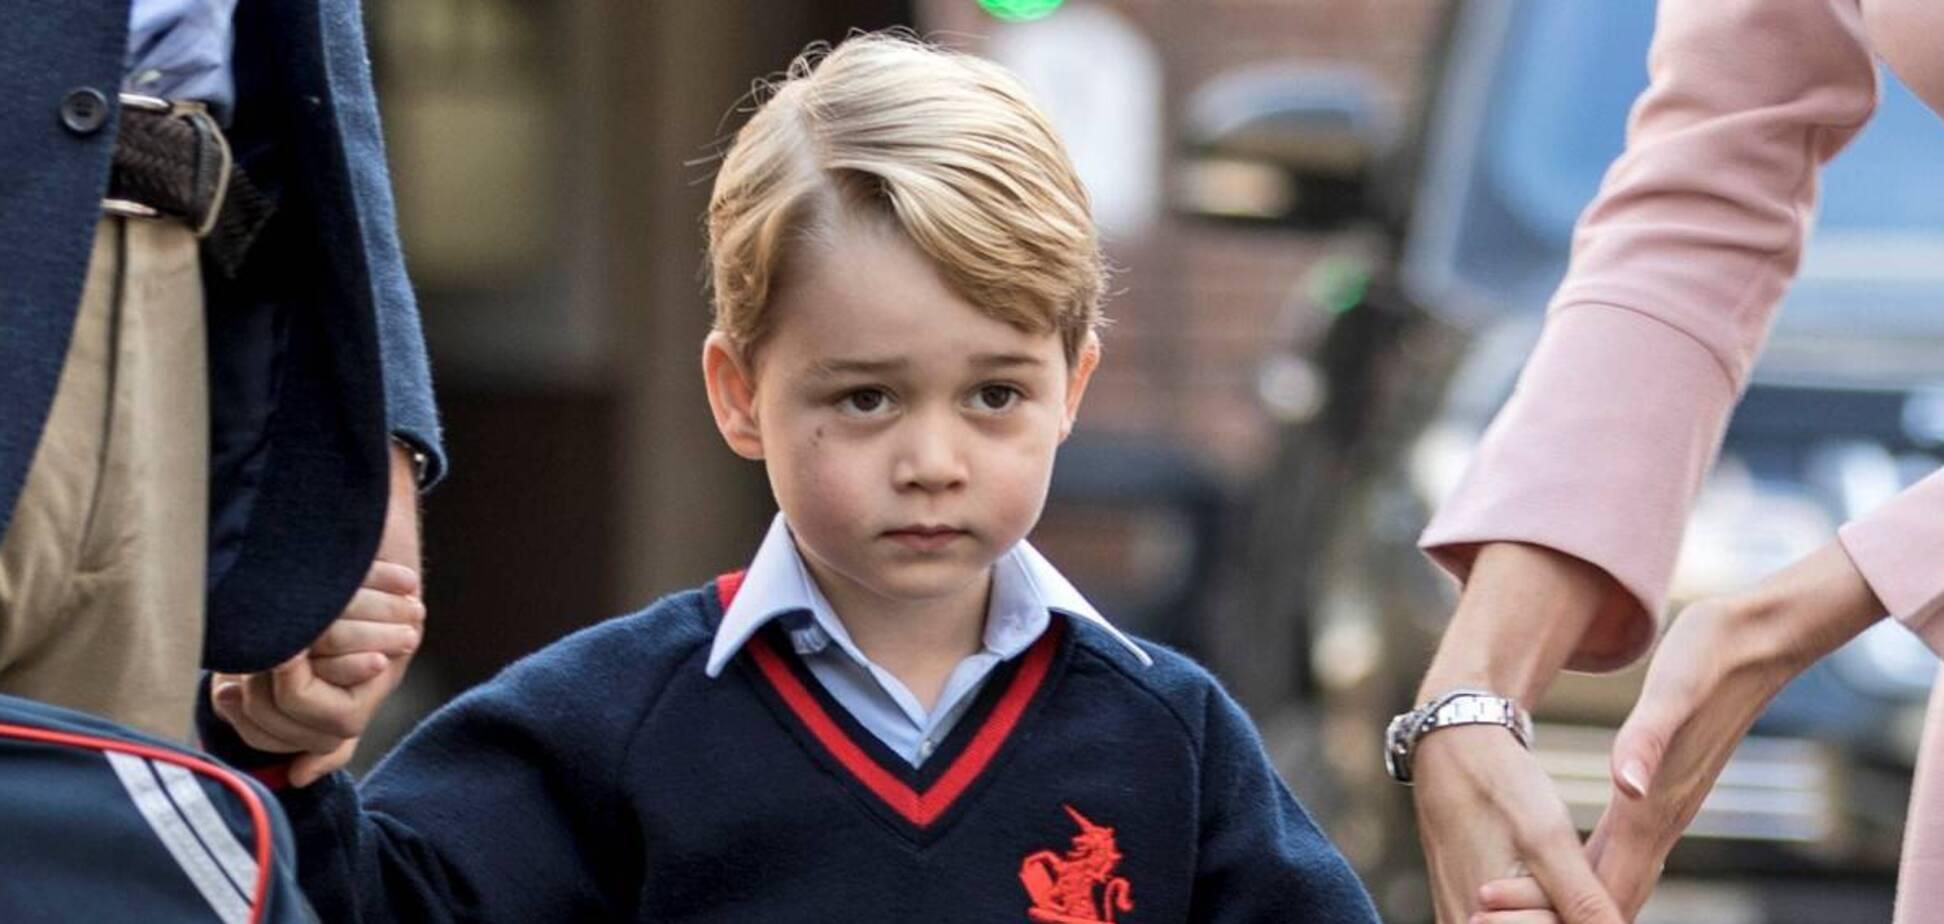 Принцу Джорджу исполнилось 7 лет